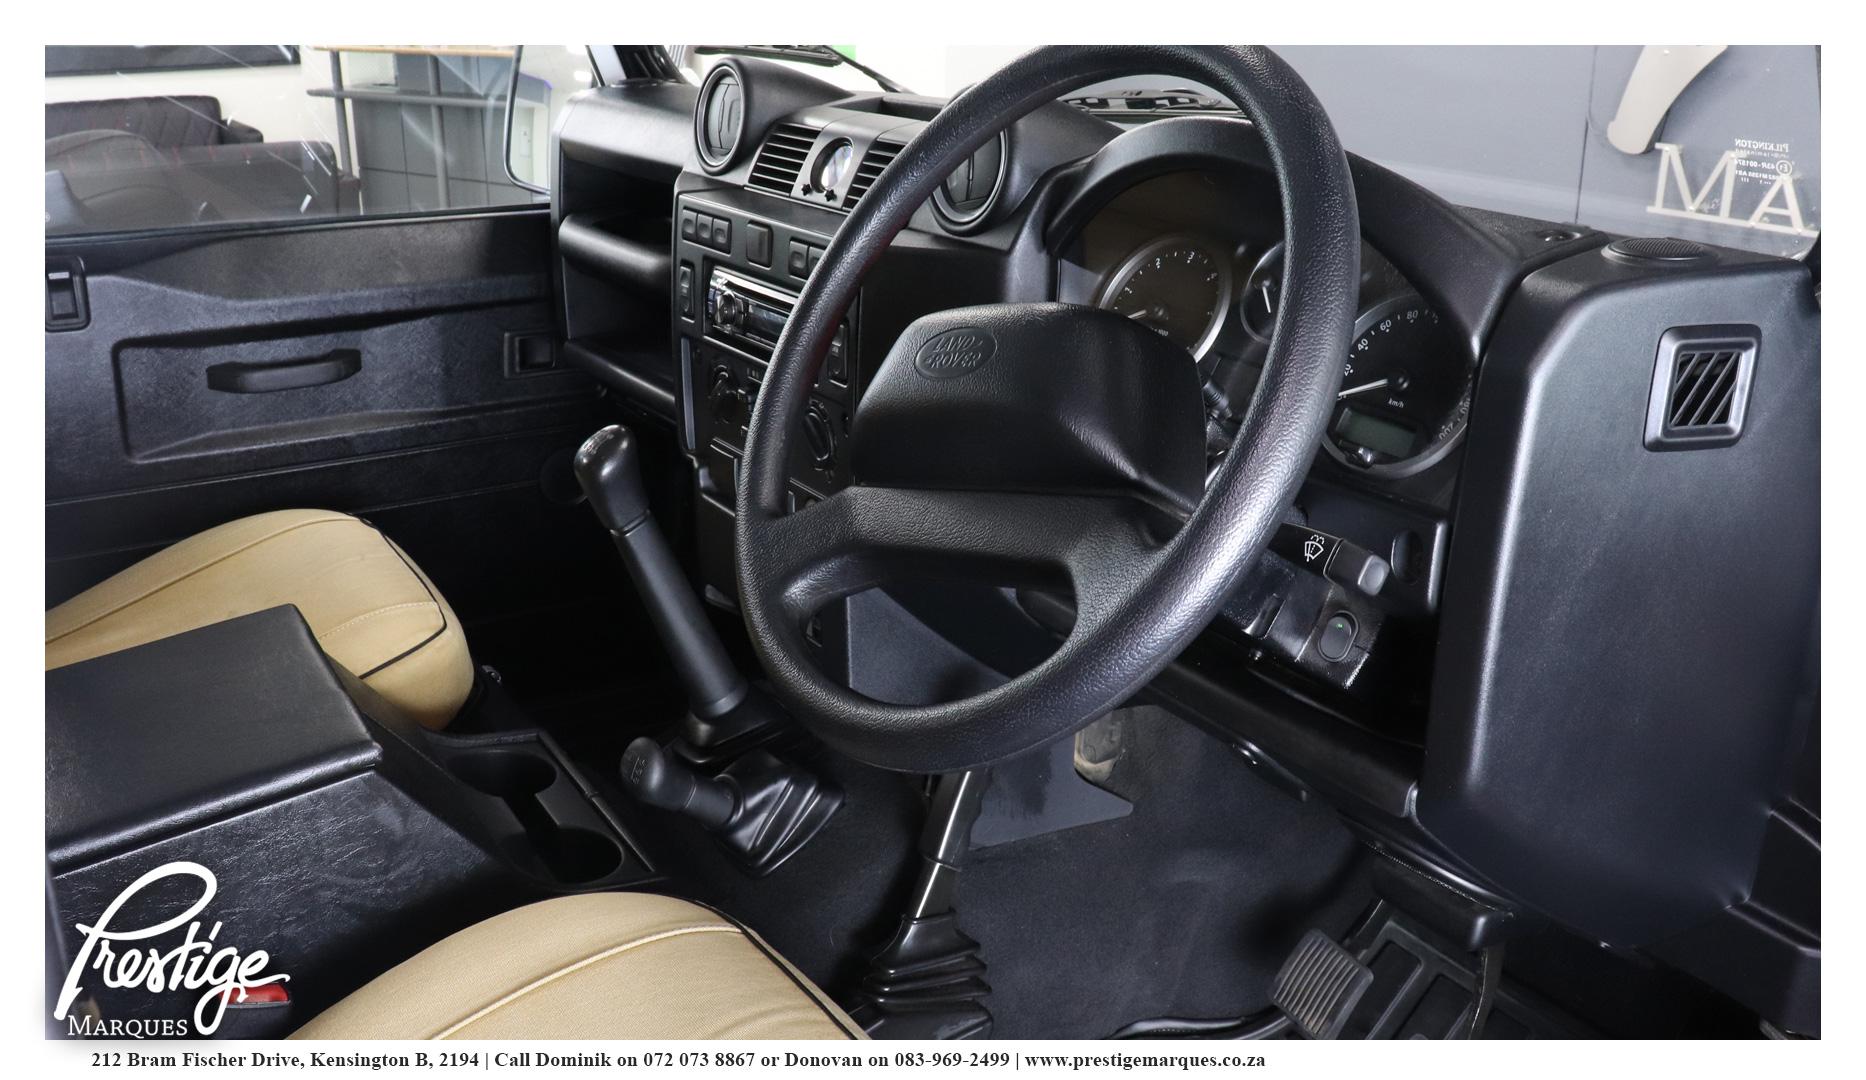 Land-Rover-Defender-110-2.5D-Prestige-Marques-10